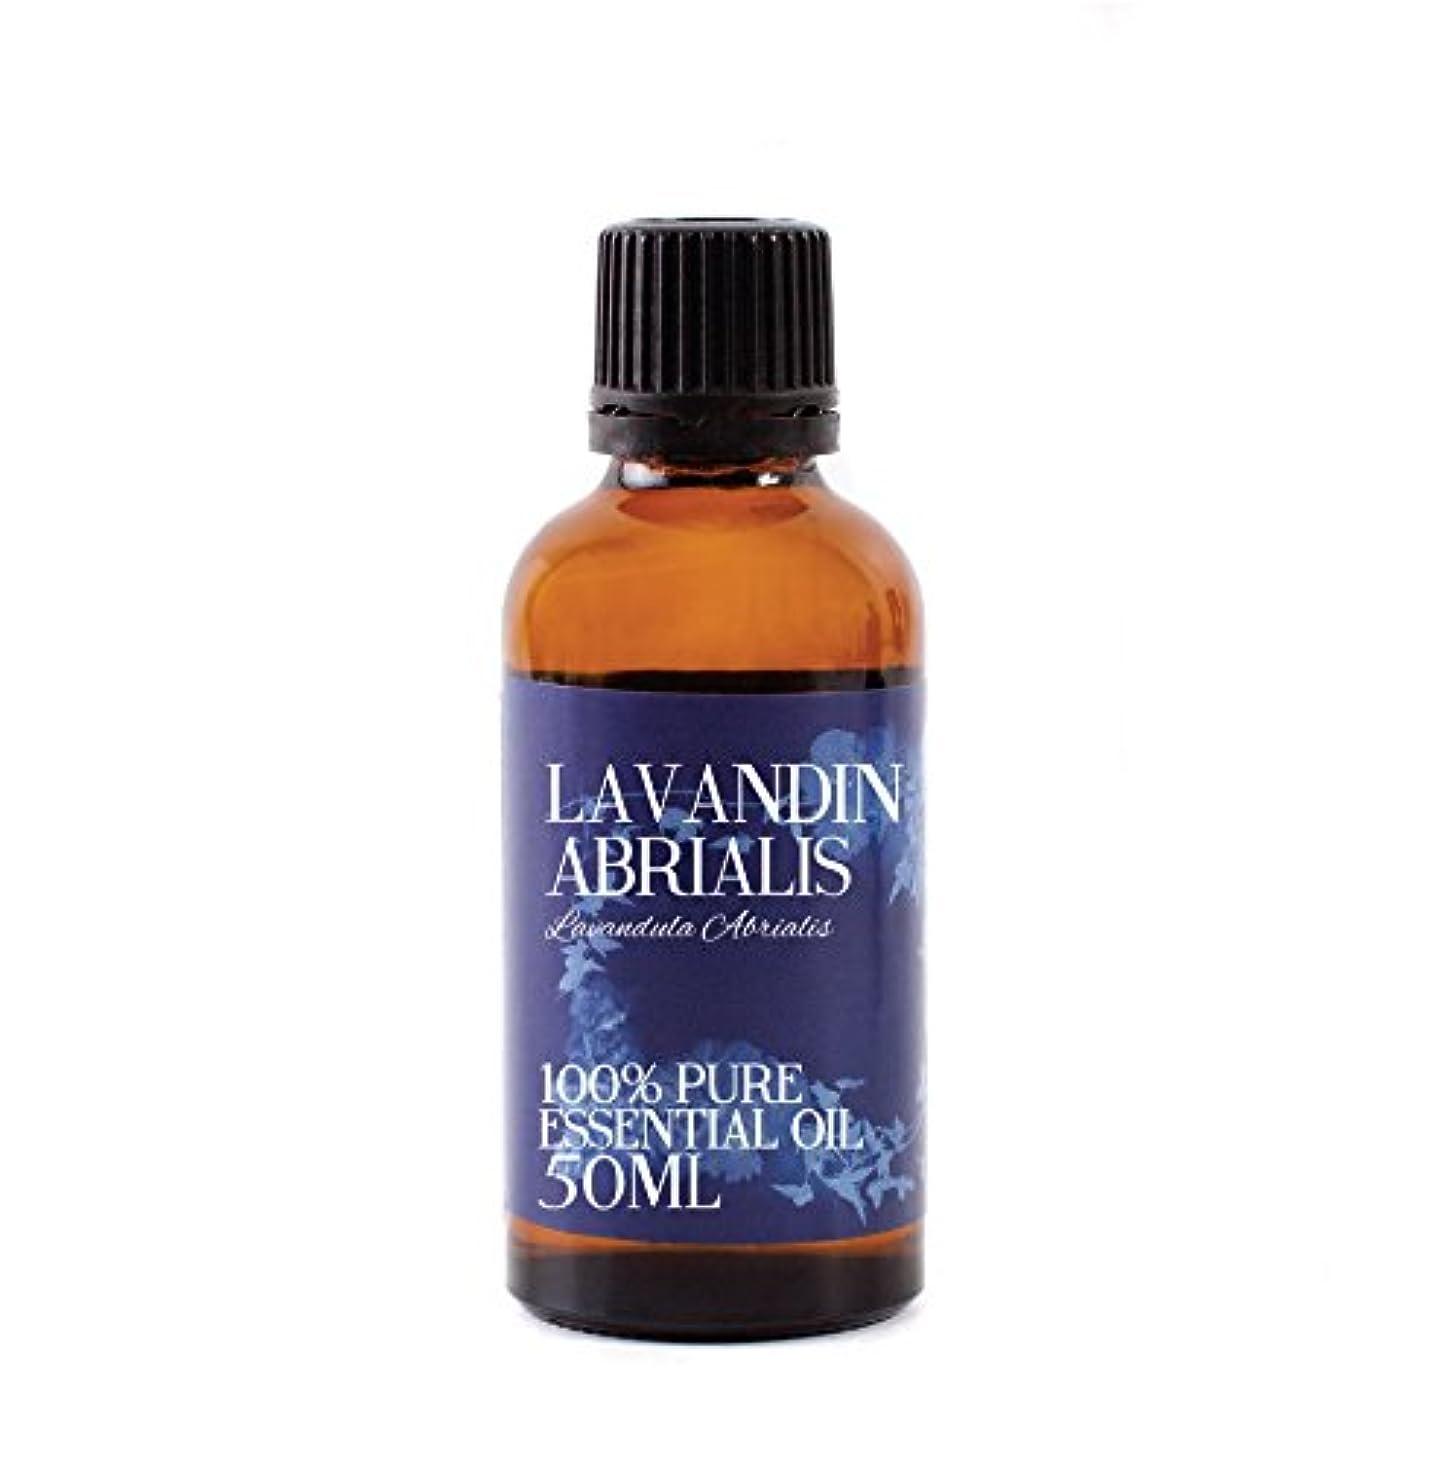 信号膿瘍強打Mystic Moments   Lavandin Abrialis Essential Oil - 50ml - 100% Pure